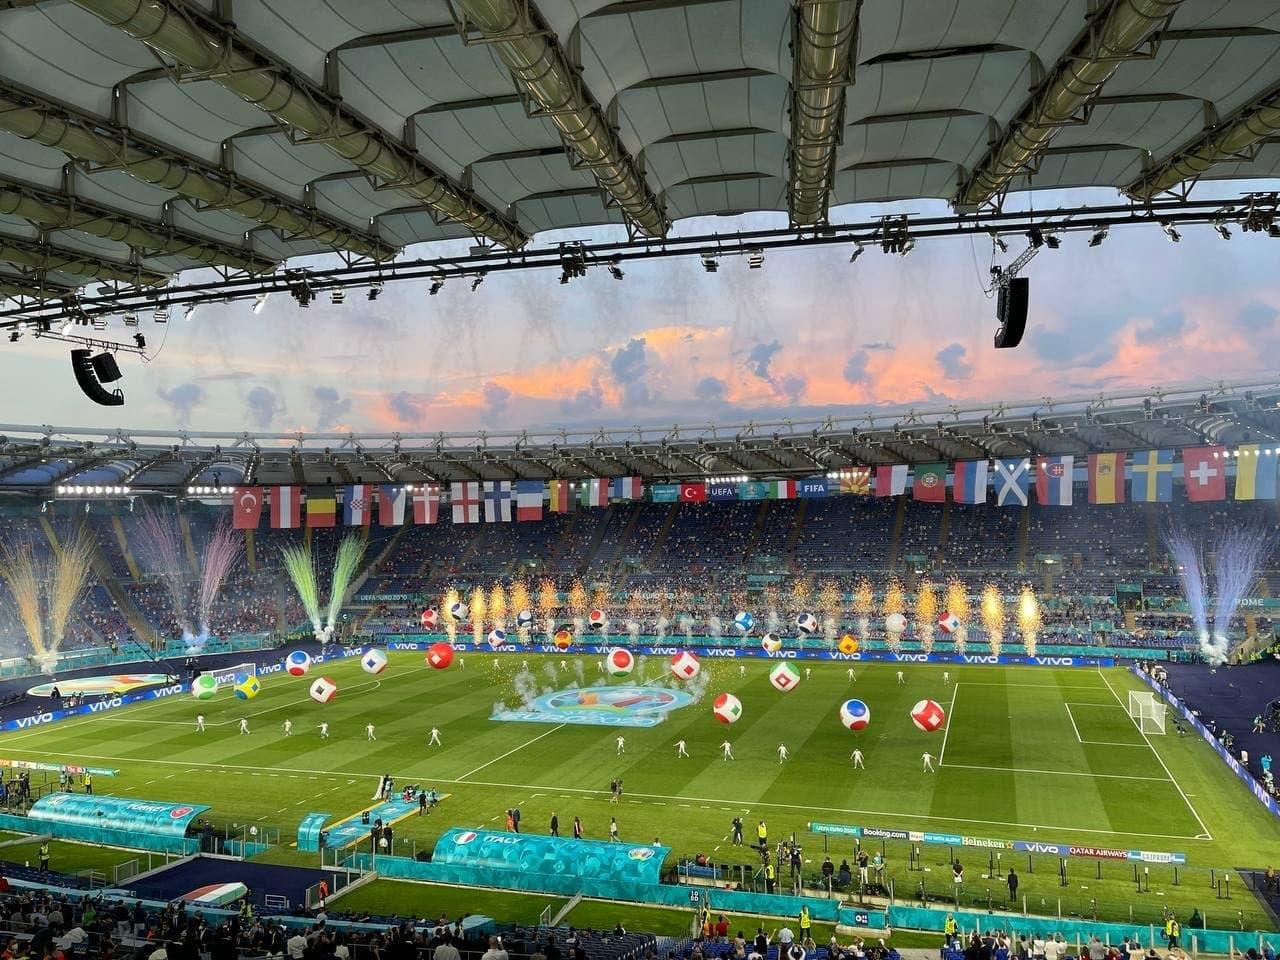 Легендарные Франческо Тотти и Алессандро Неста приняли участие в церемонии открытия чемпионата Европы-20205